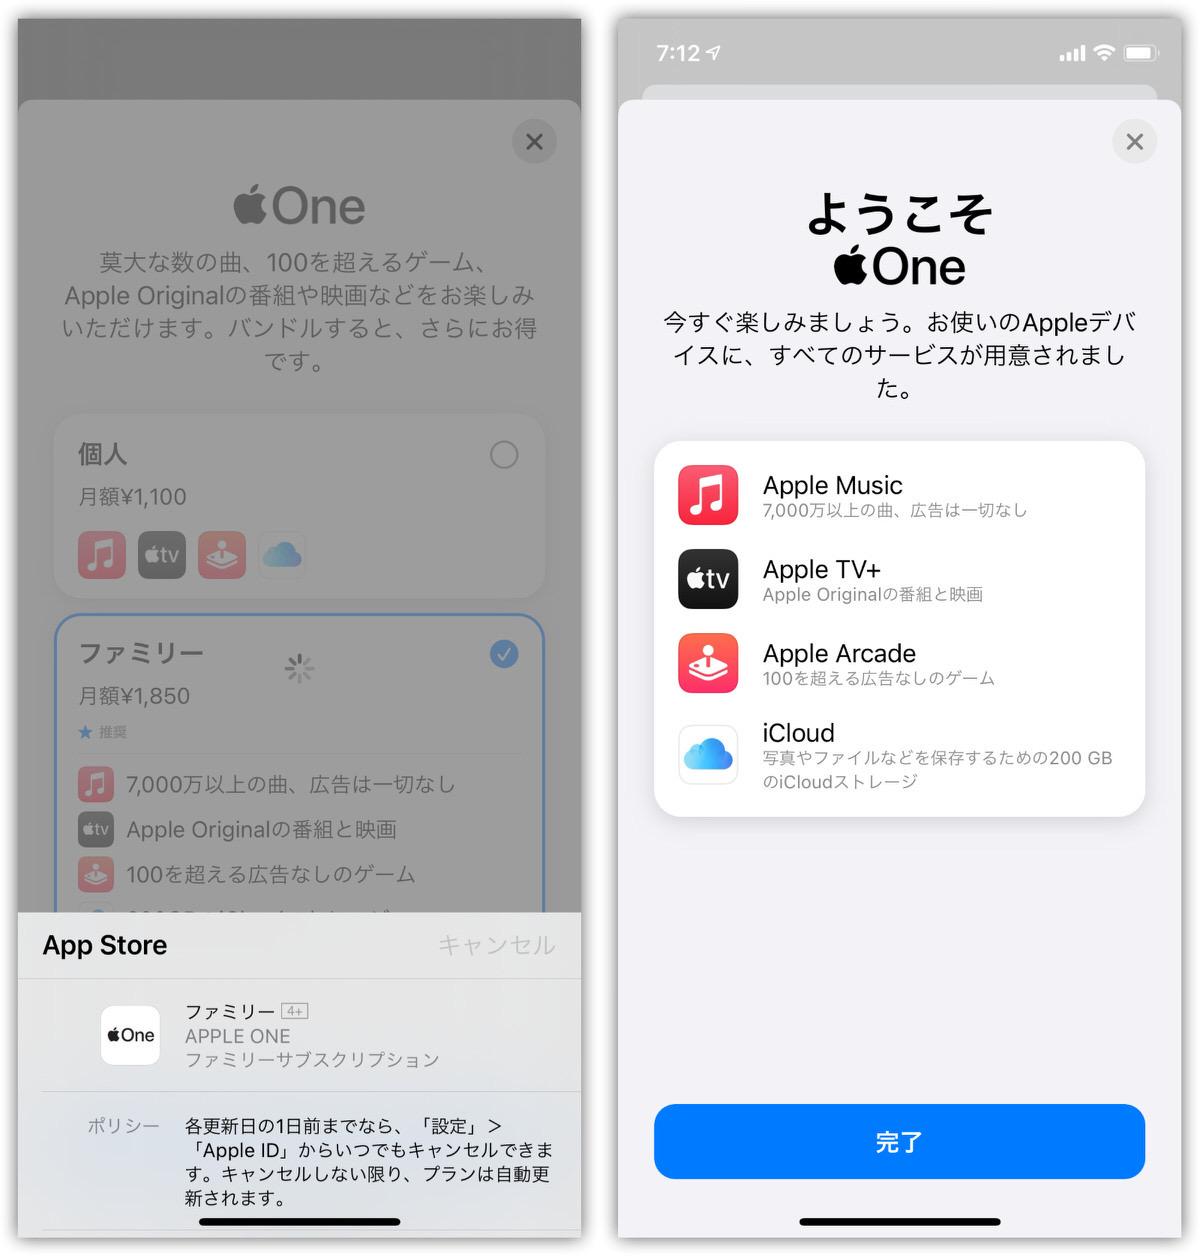 AppleOne−4